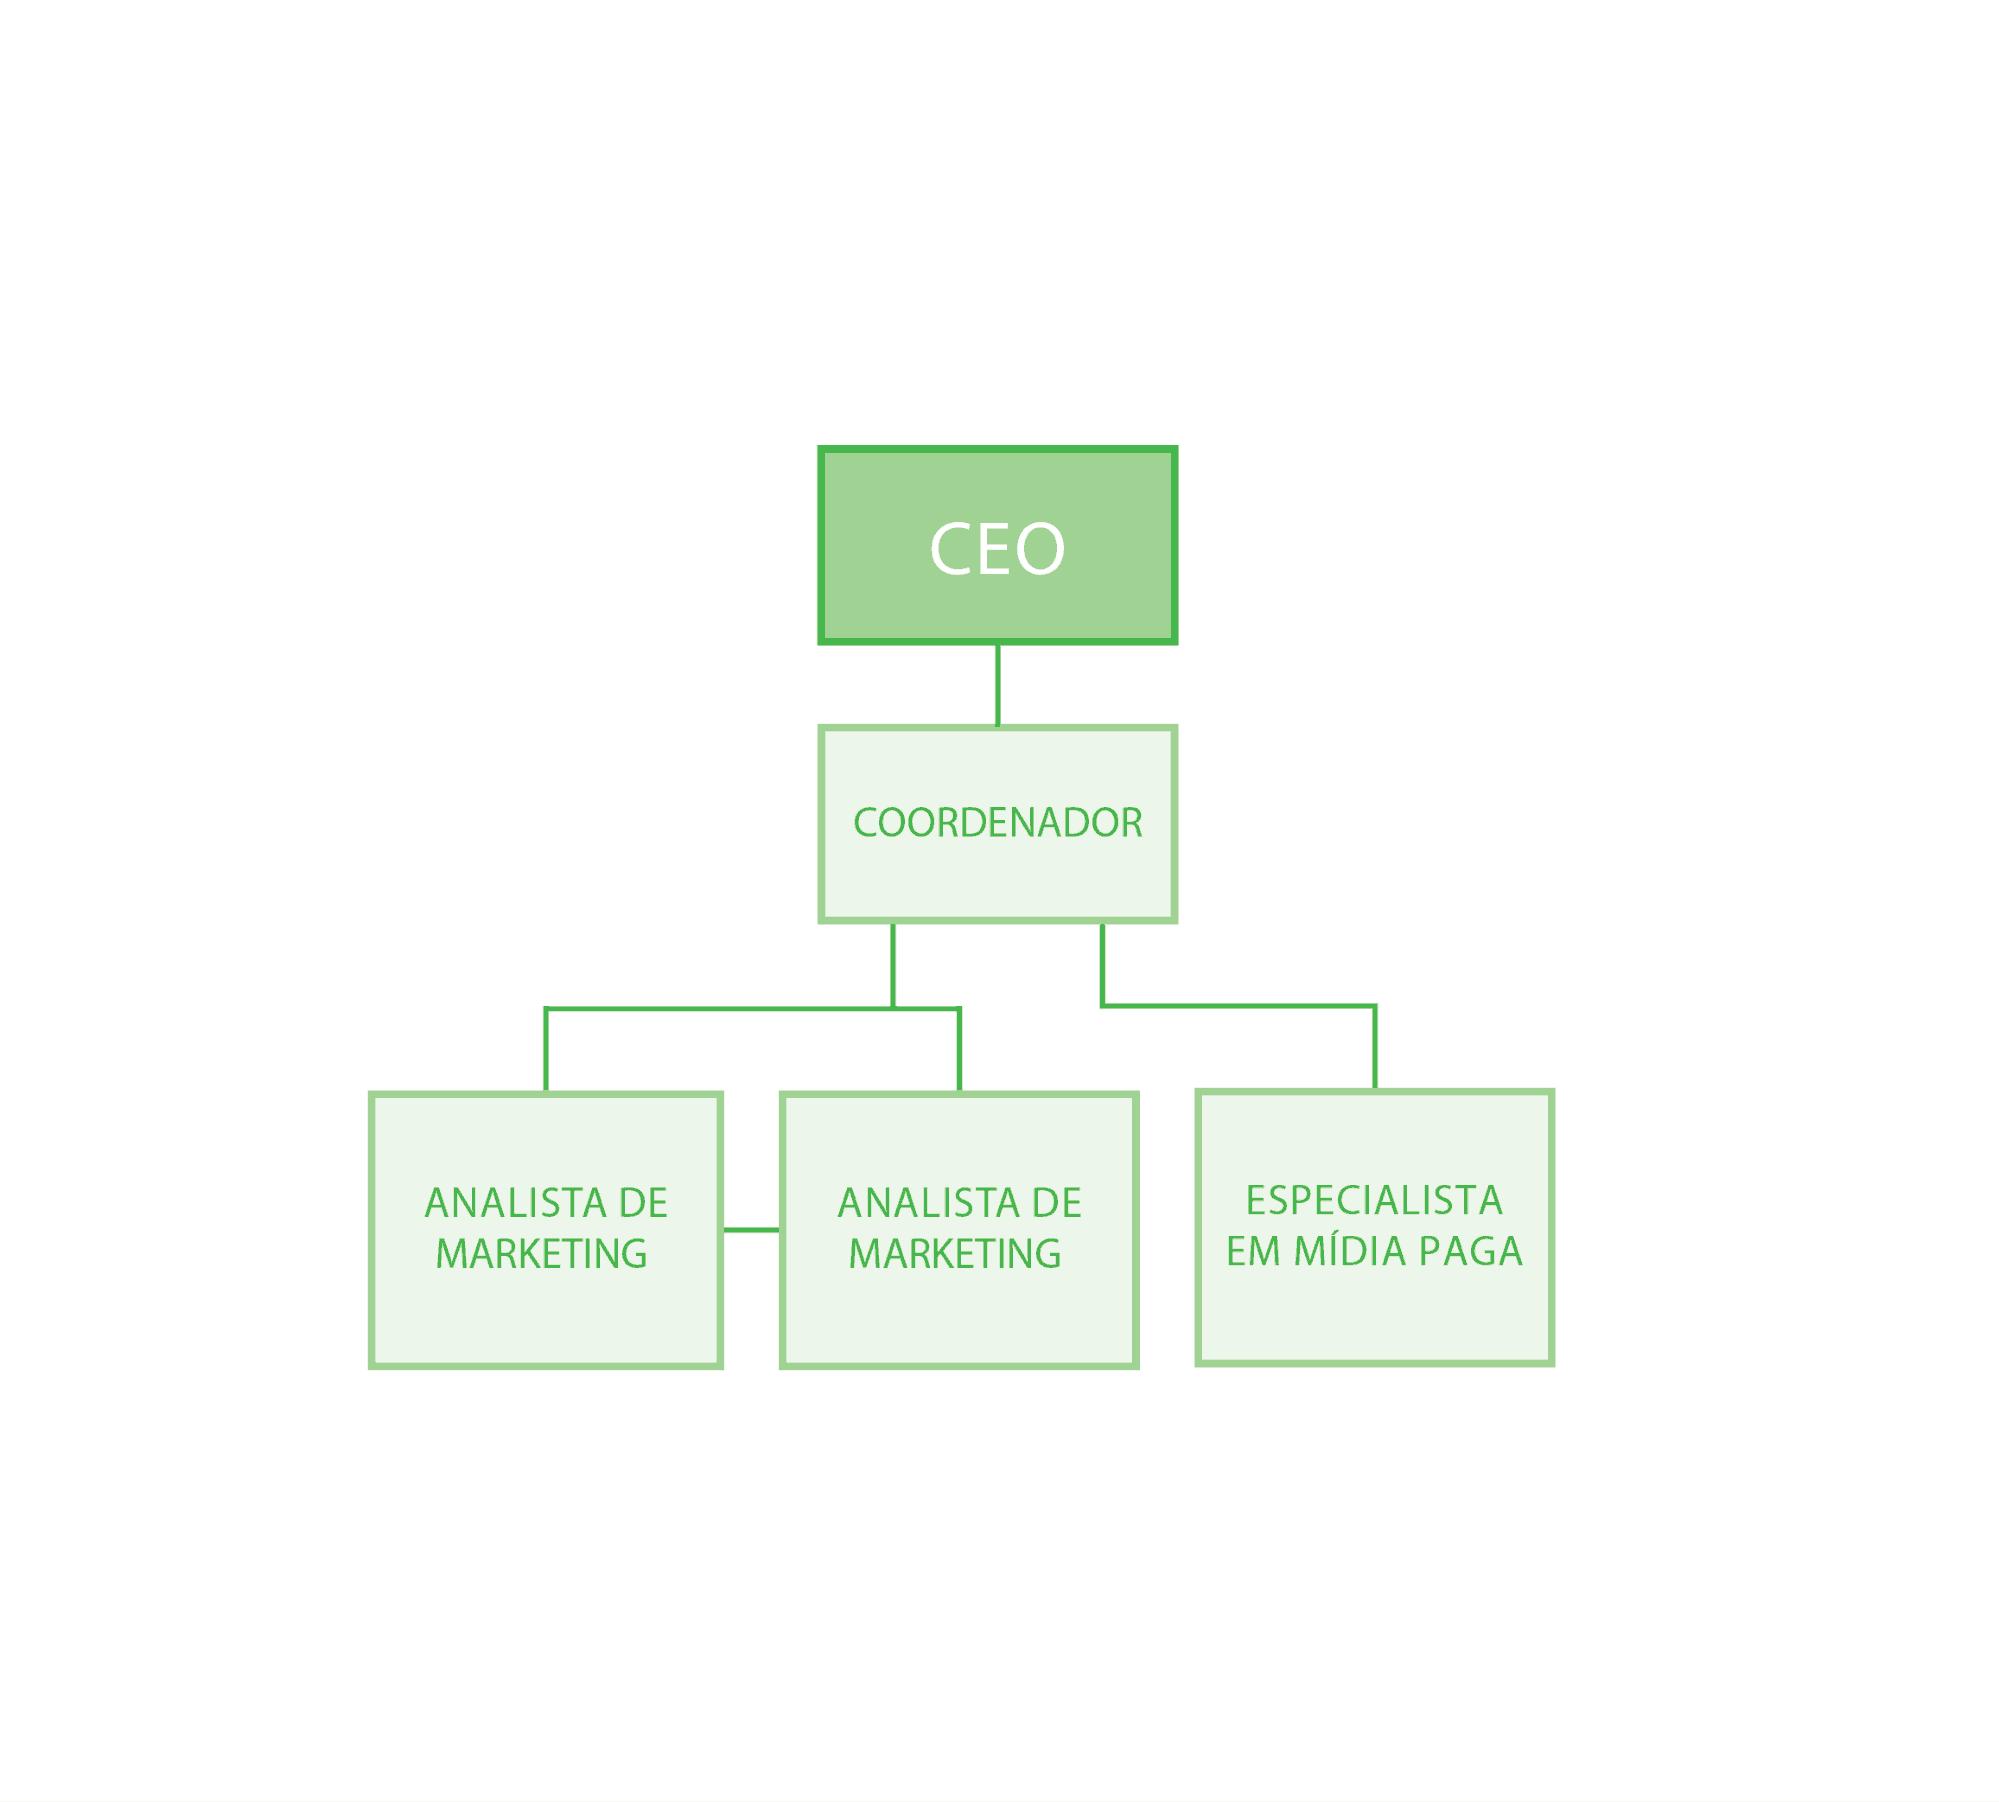 Estrutura da equipe 12min